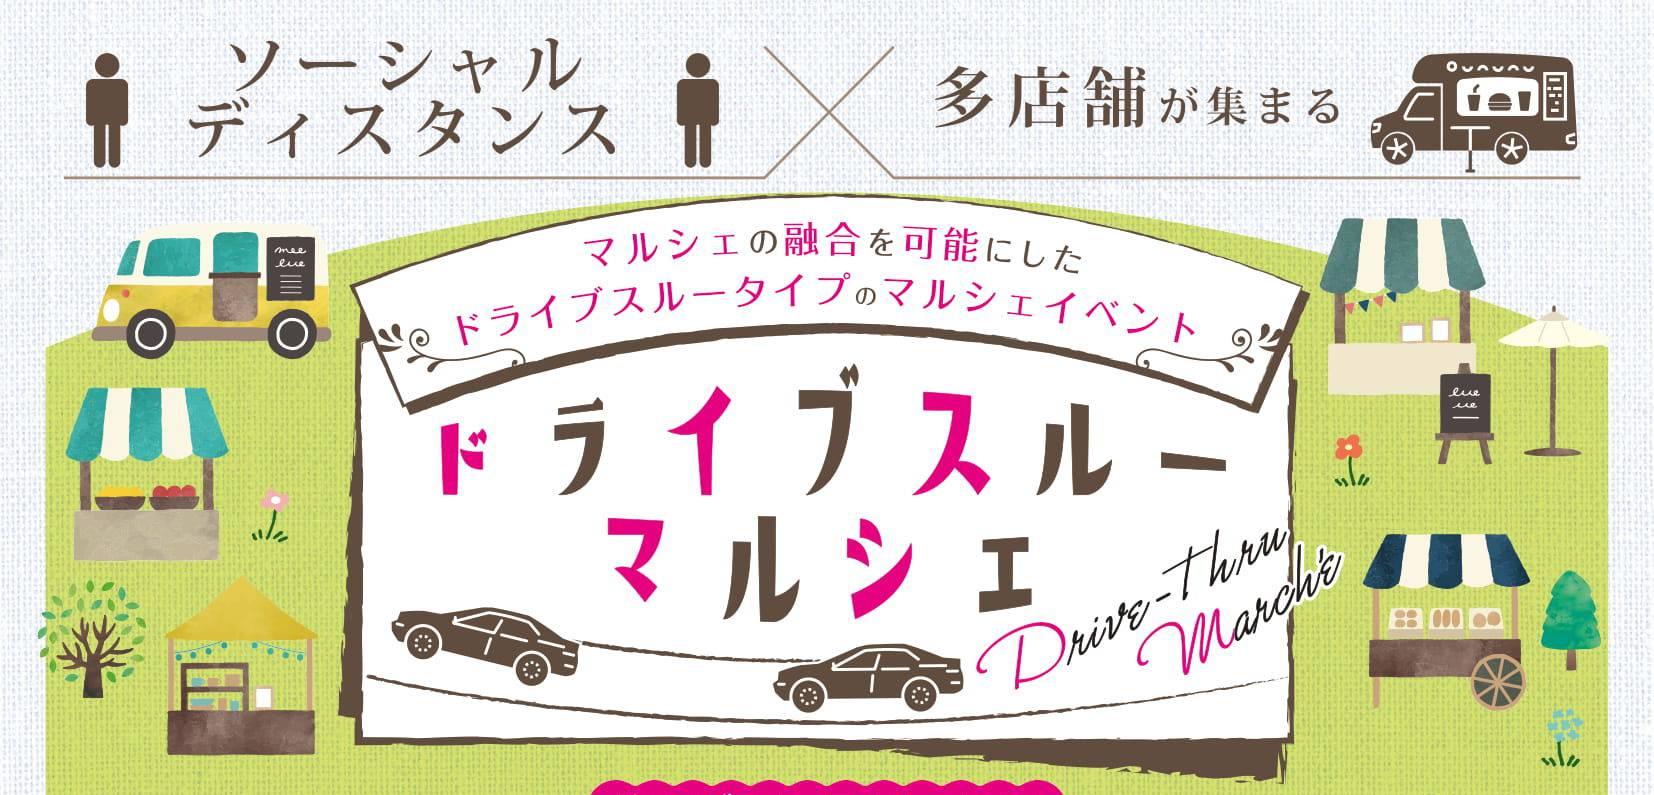 スルー 名古屋 ドライブ pcr 検査